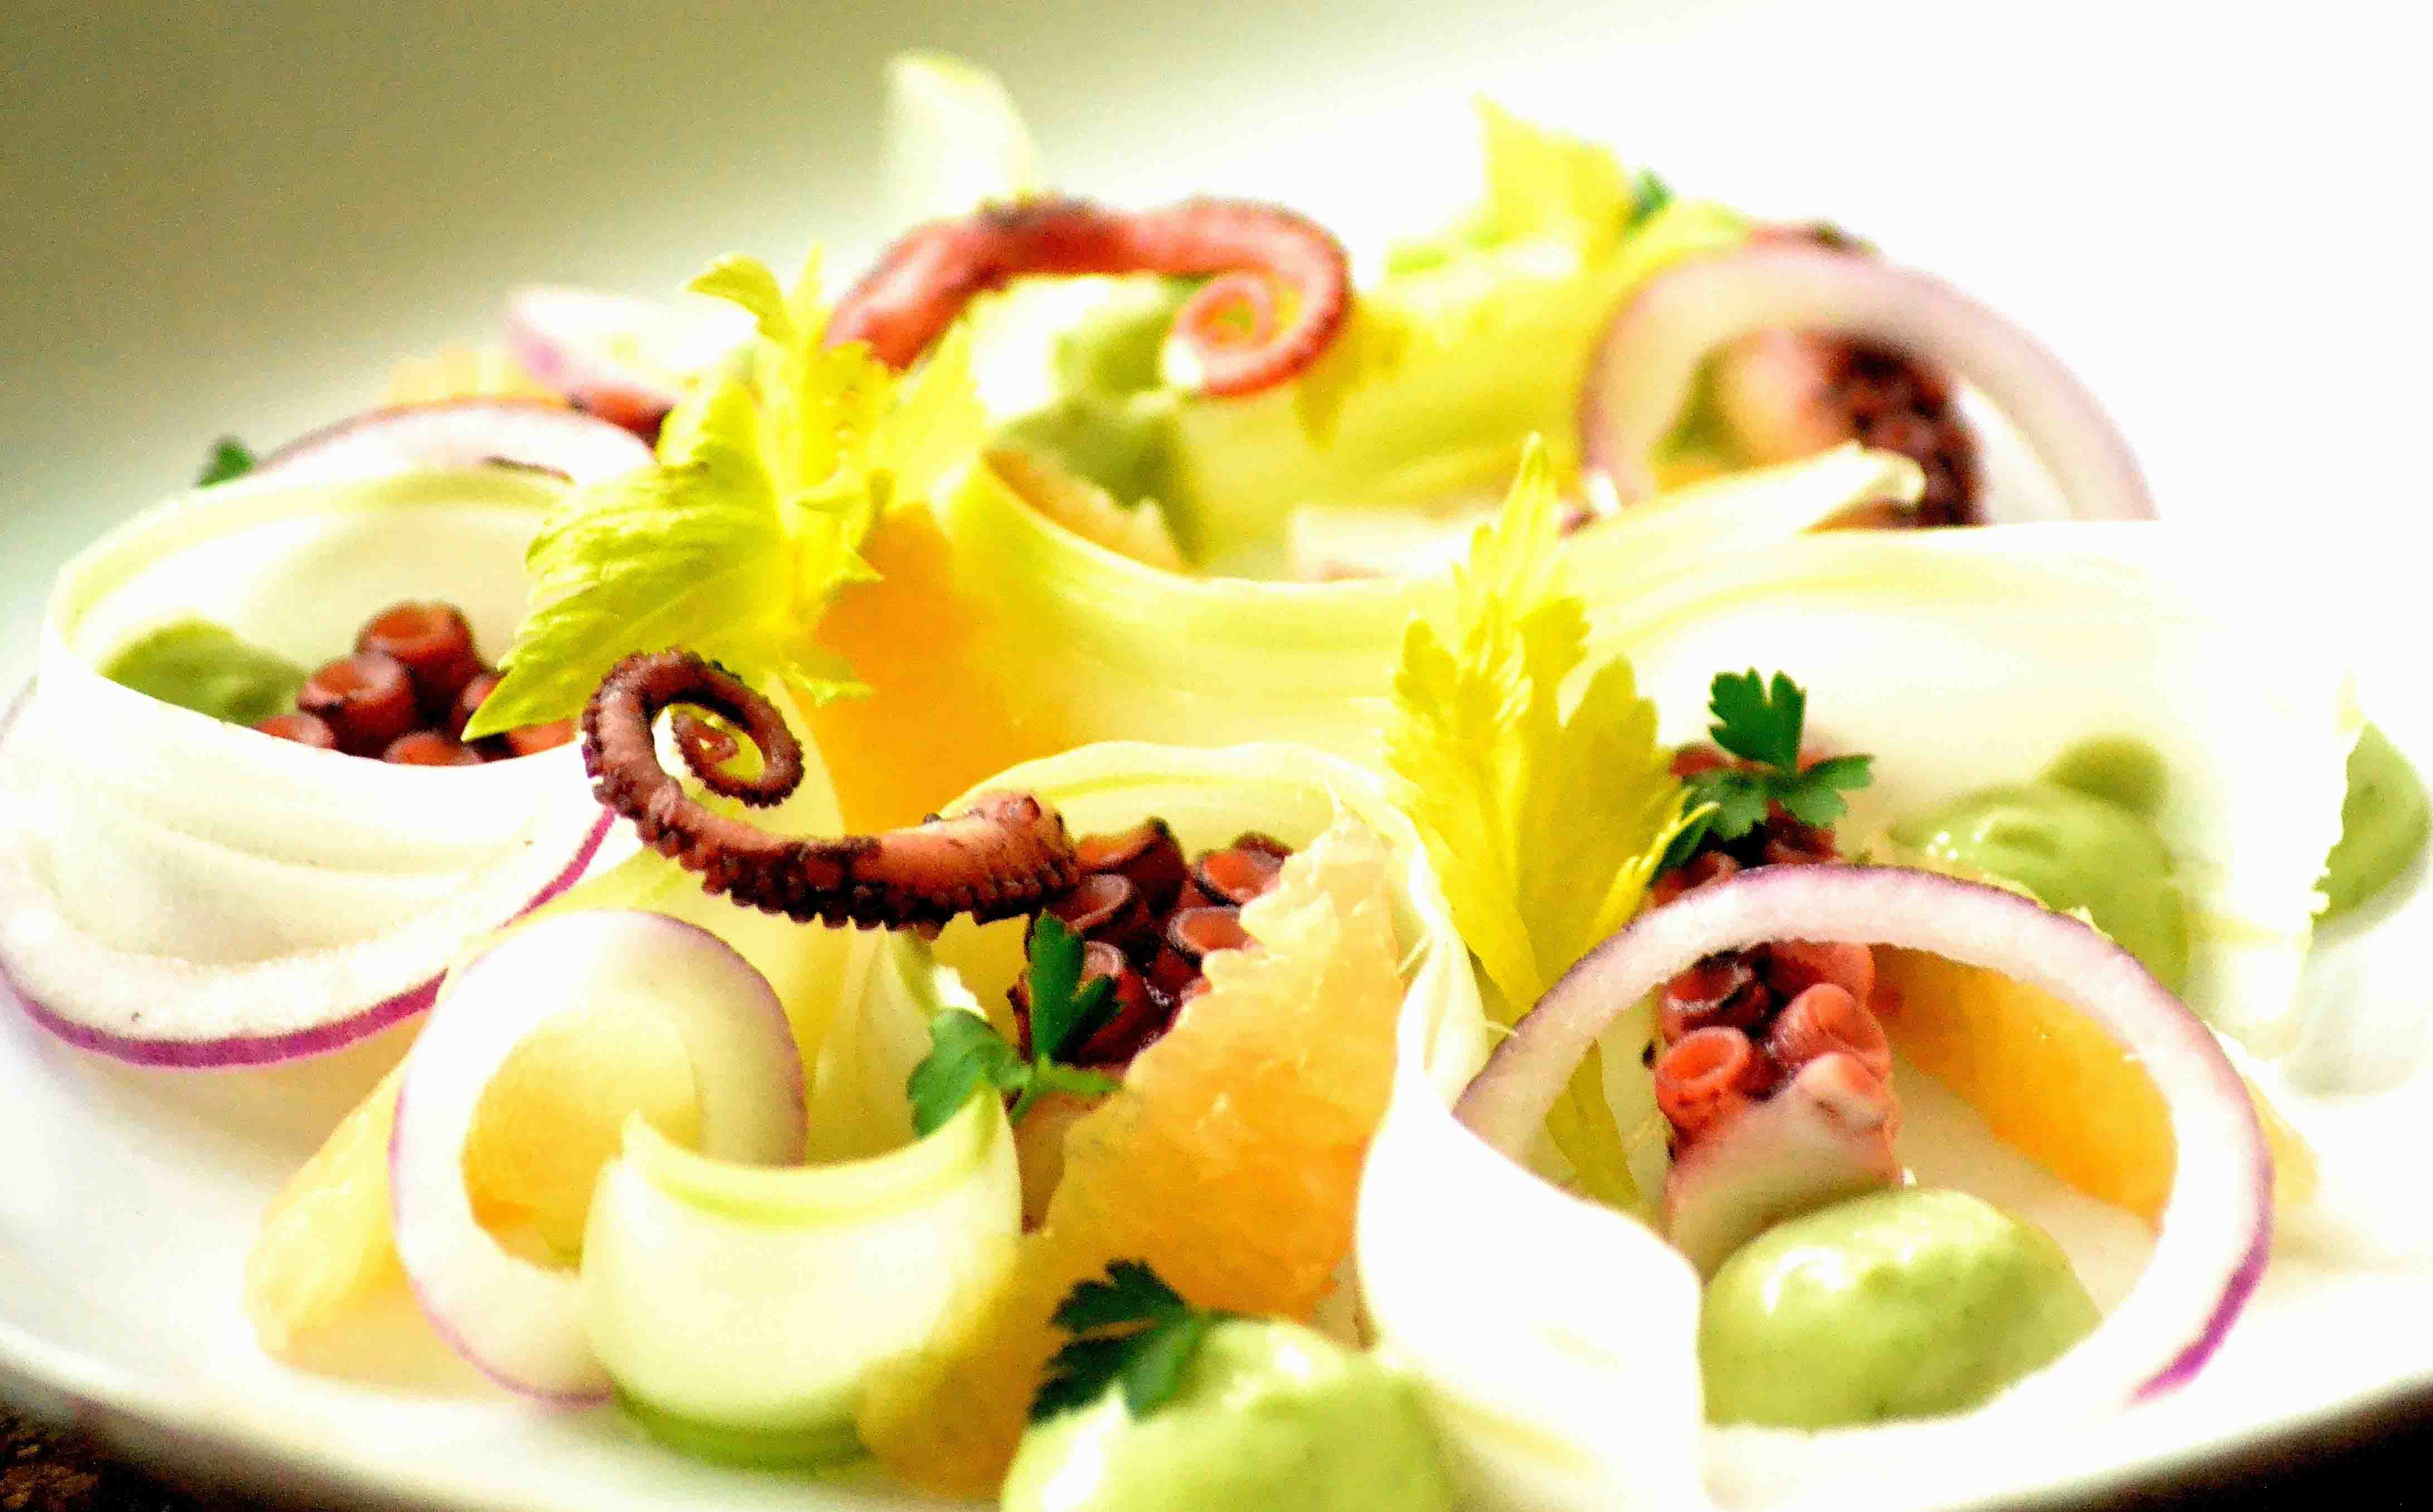 Blæksprutte salat in rjk